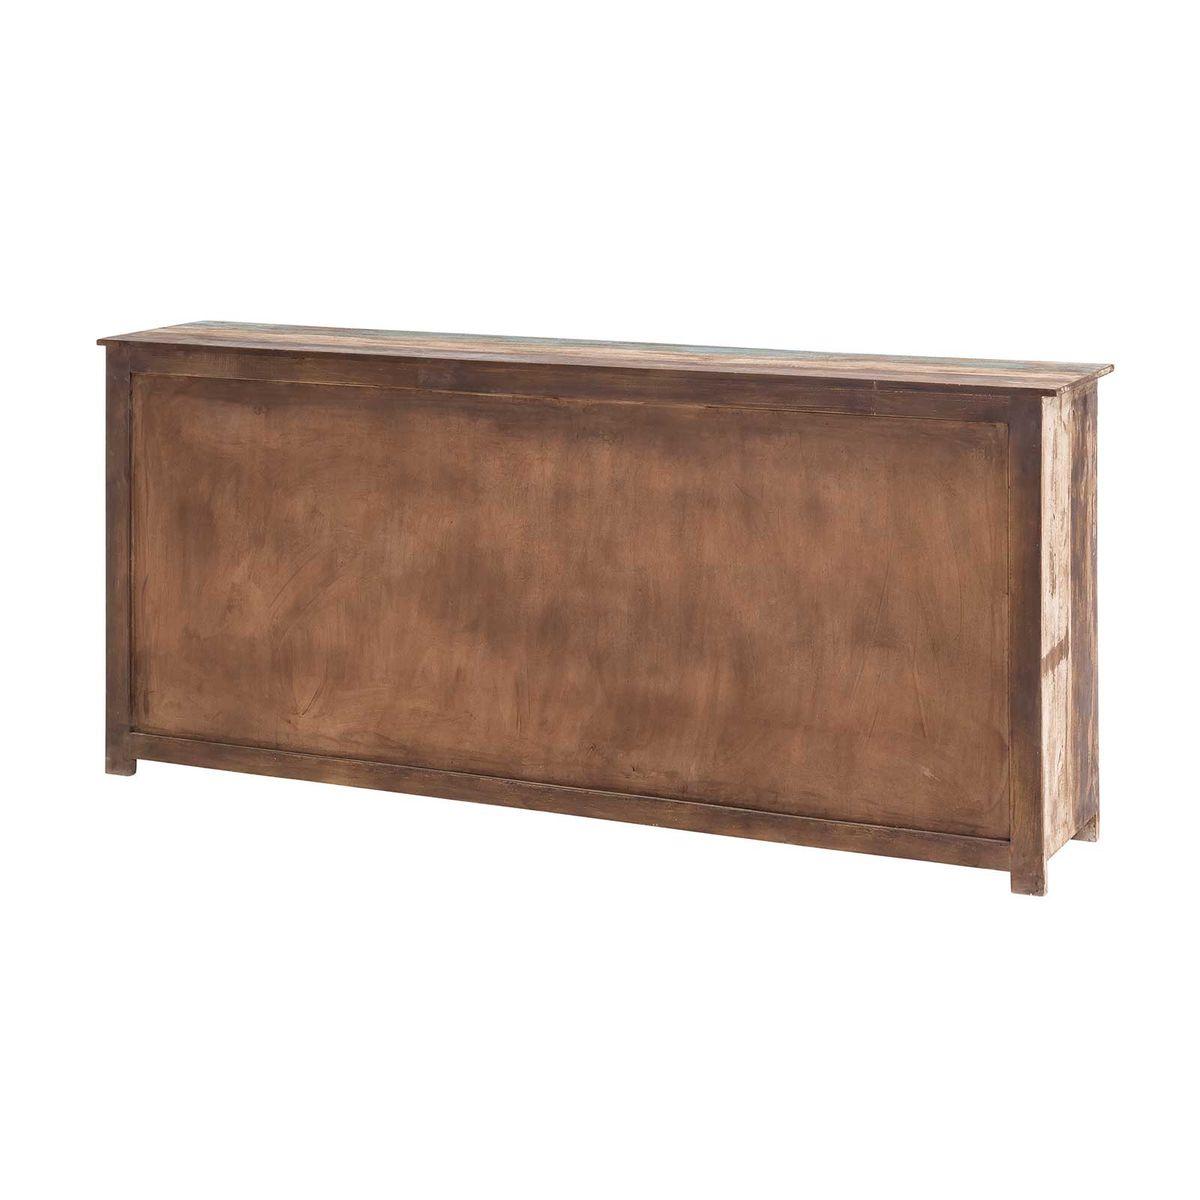 sideboard largo 193cm breit aus massivholz im vintage look. Black Bedroom Furniture Sets. Home Design Ideas